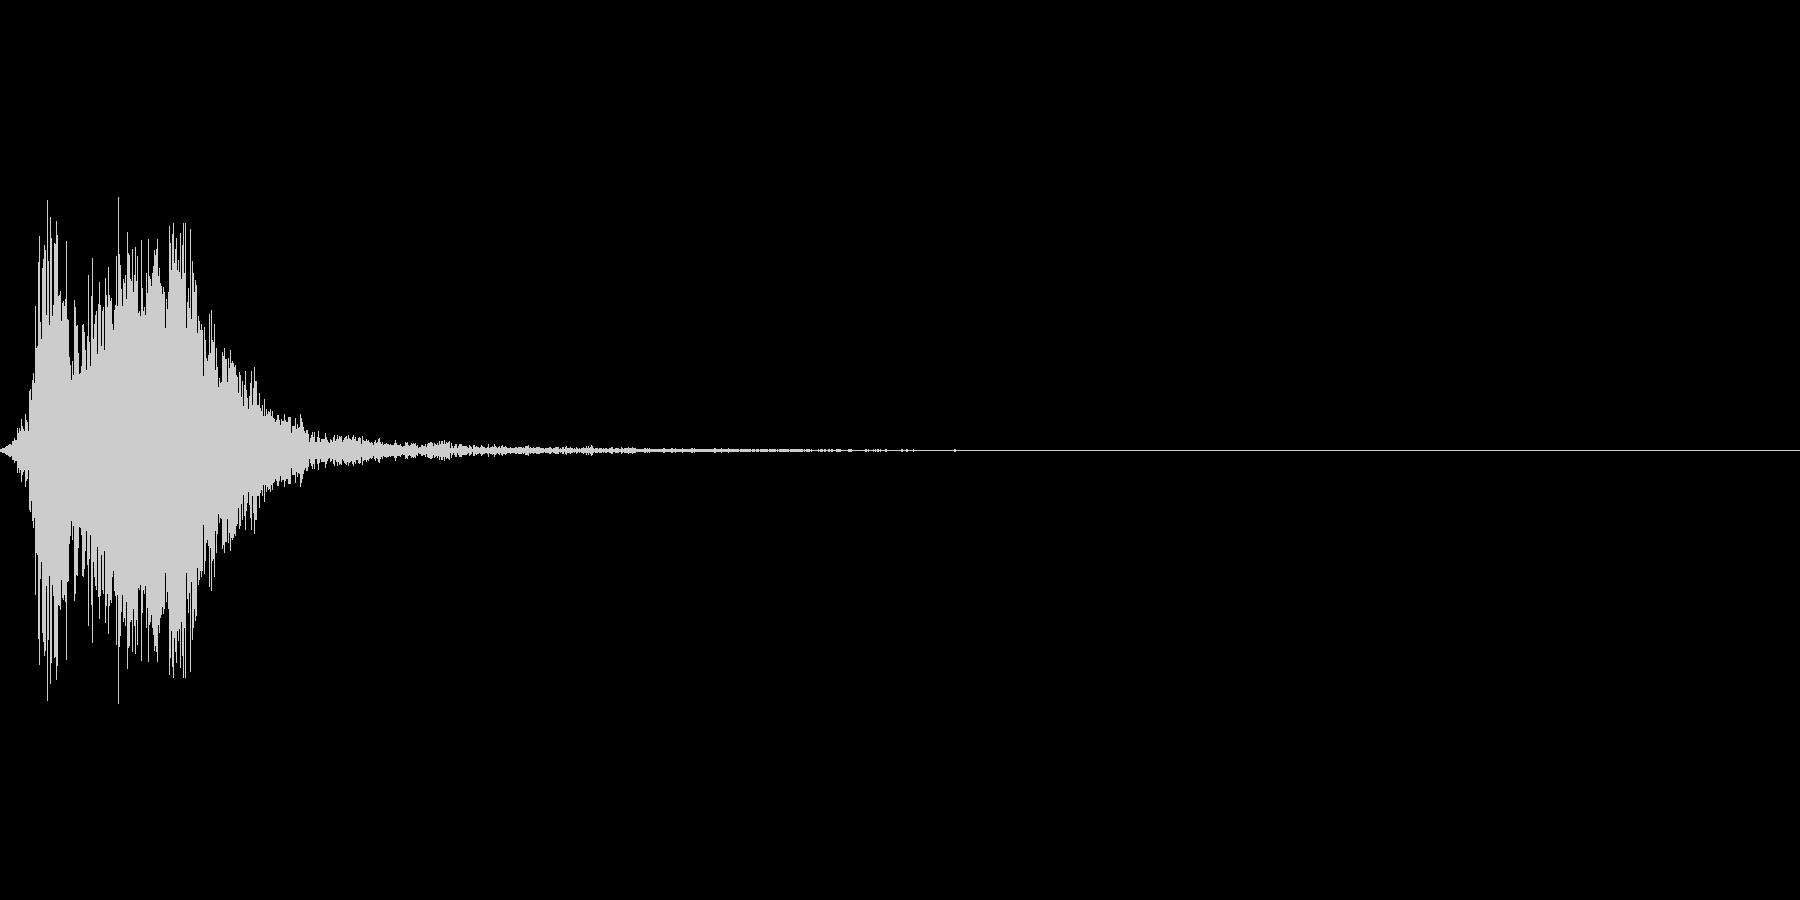 剣や斧などの武器を振りダメージ音をプラスの未再生の波形